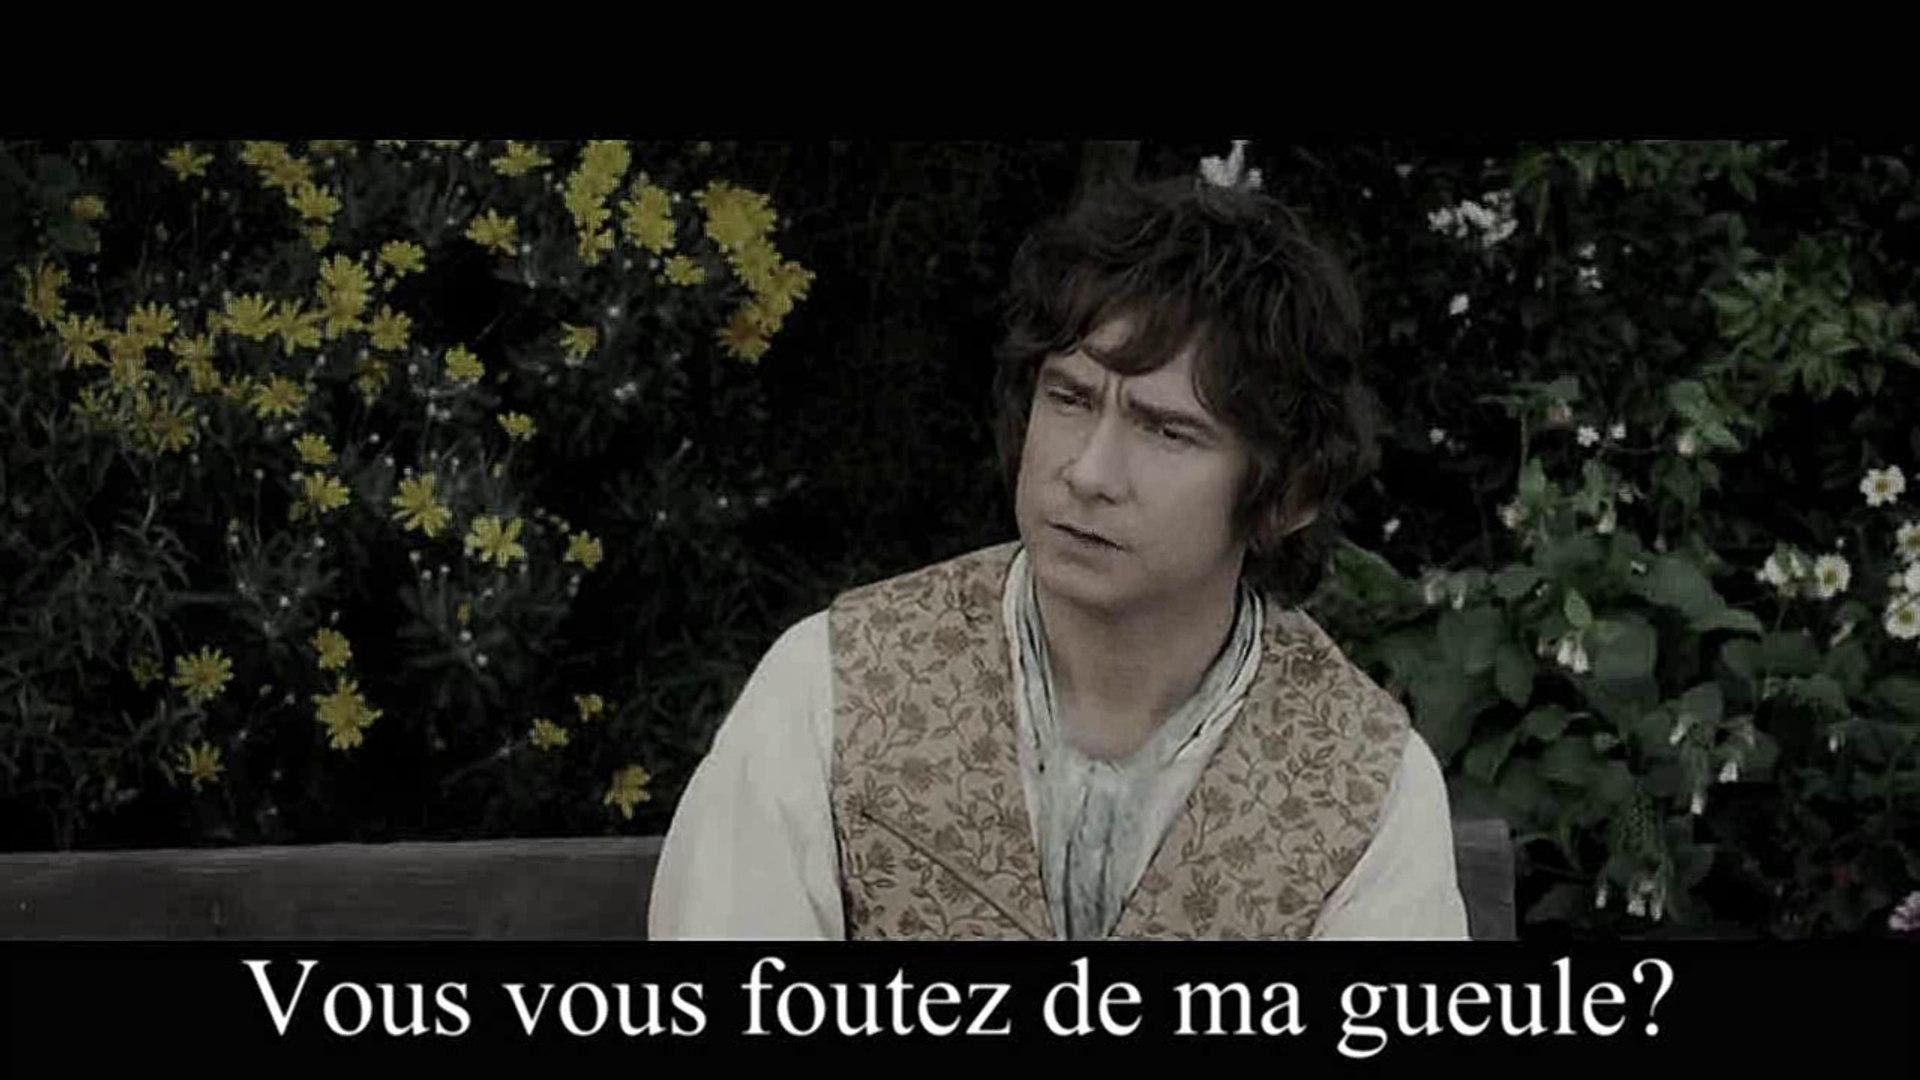 [ProjetParodie]Gandalf prévient Bilbo sur ses parodies bizarres!